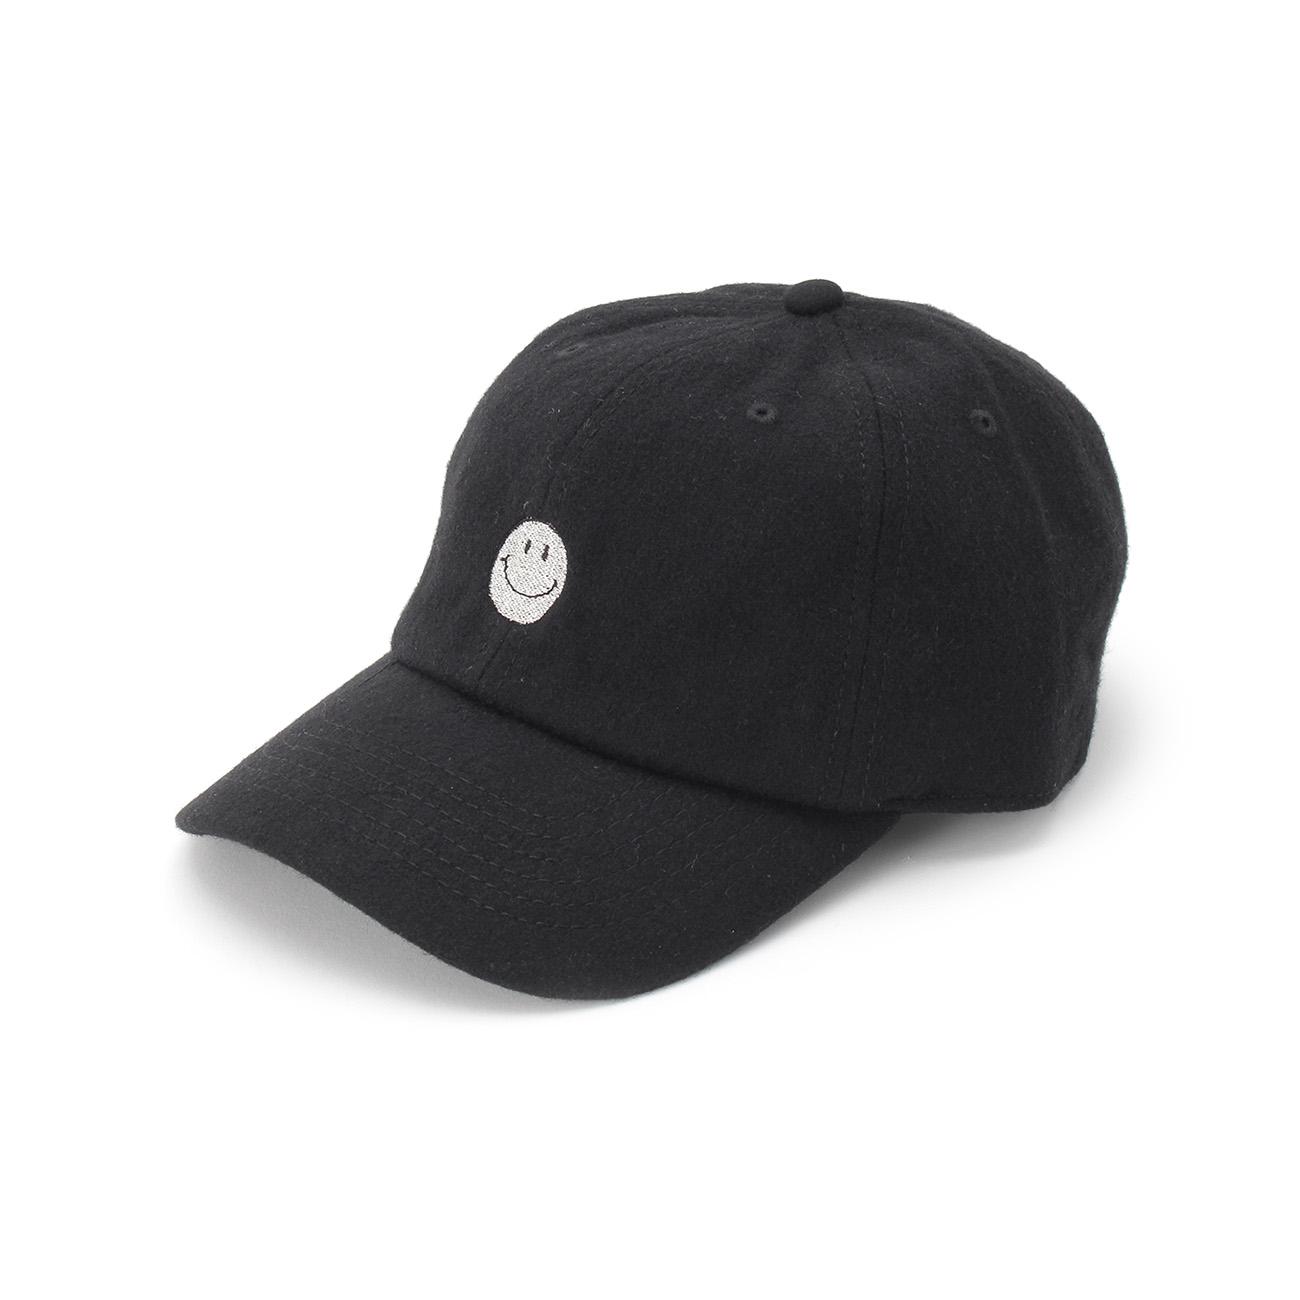 【OPAQUE.CLIP (オペークドットクリップ)】JACKSON MATISSE ウールブレンドキャップレディース 帽子|キャップ ブラック